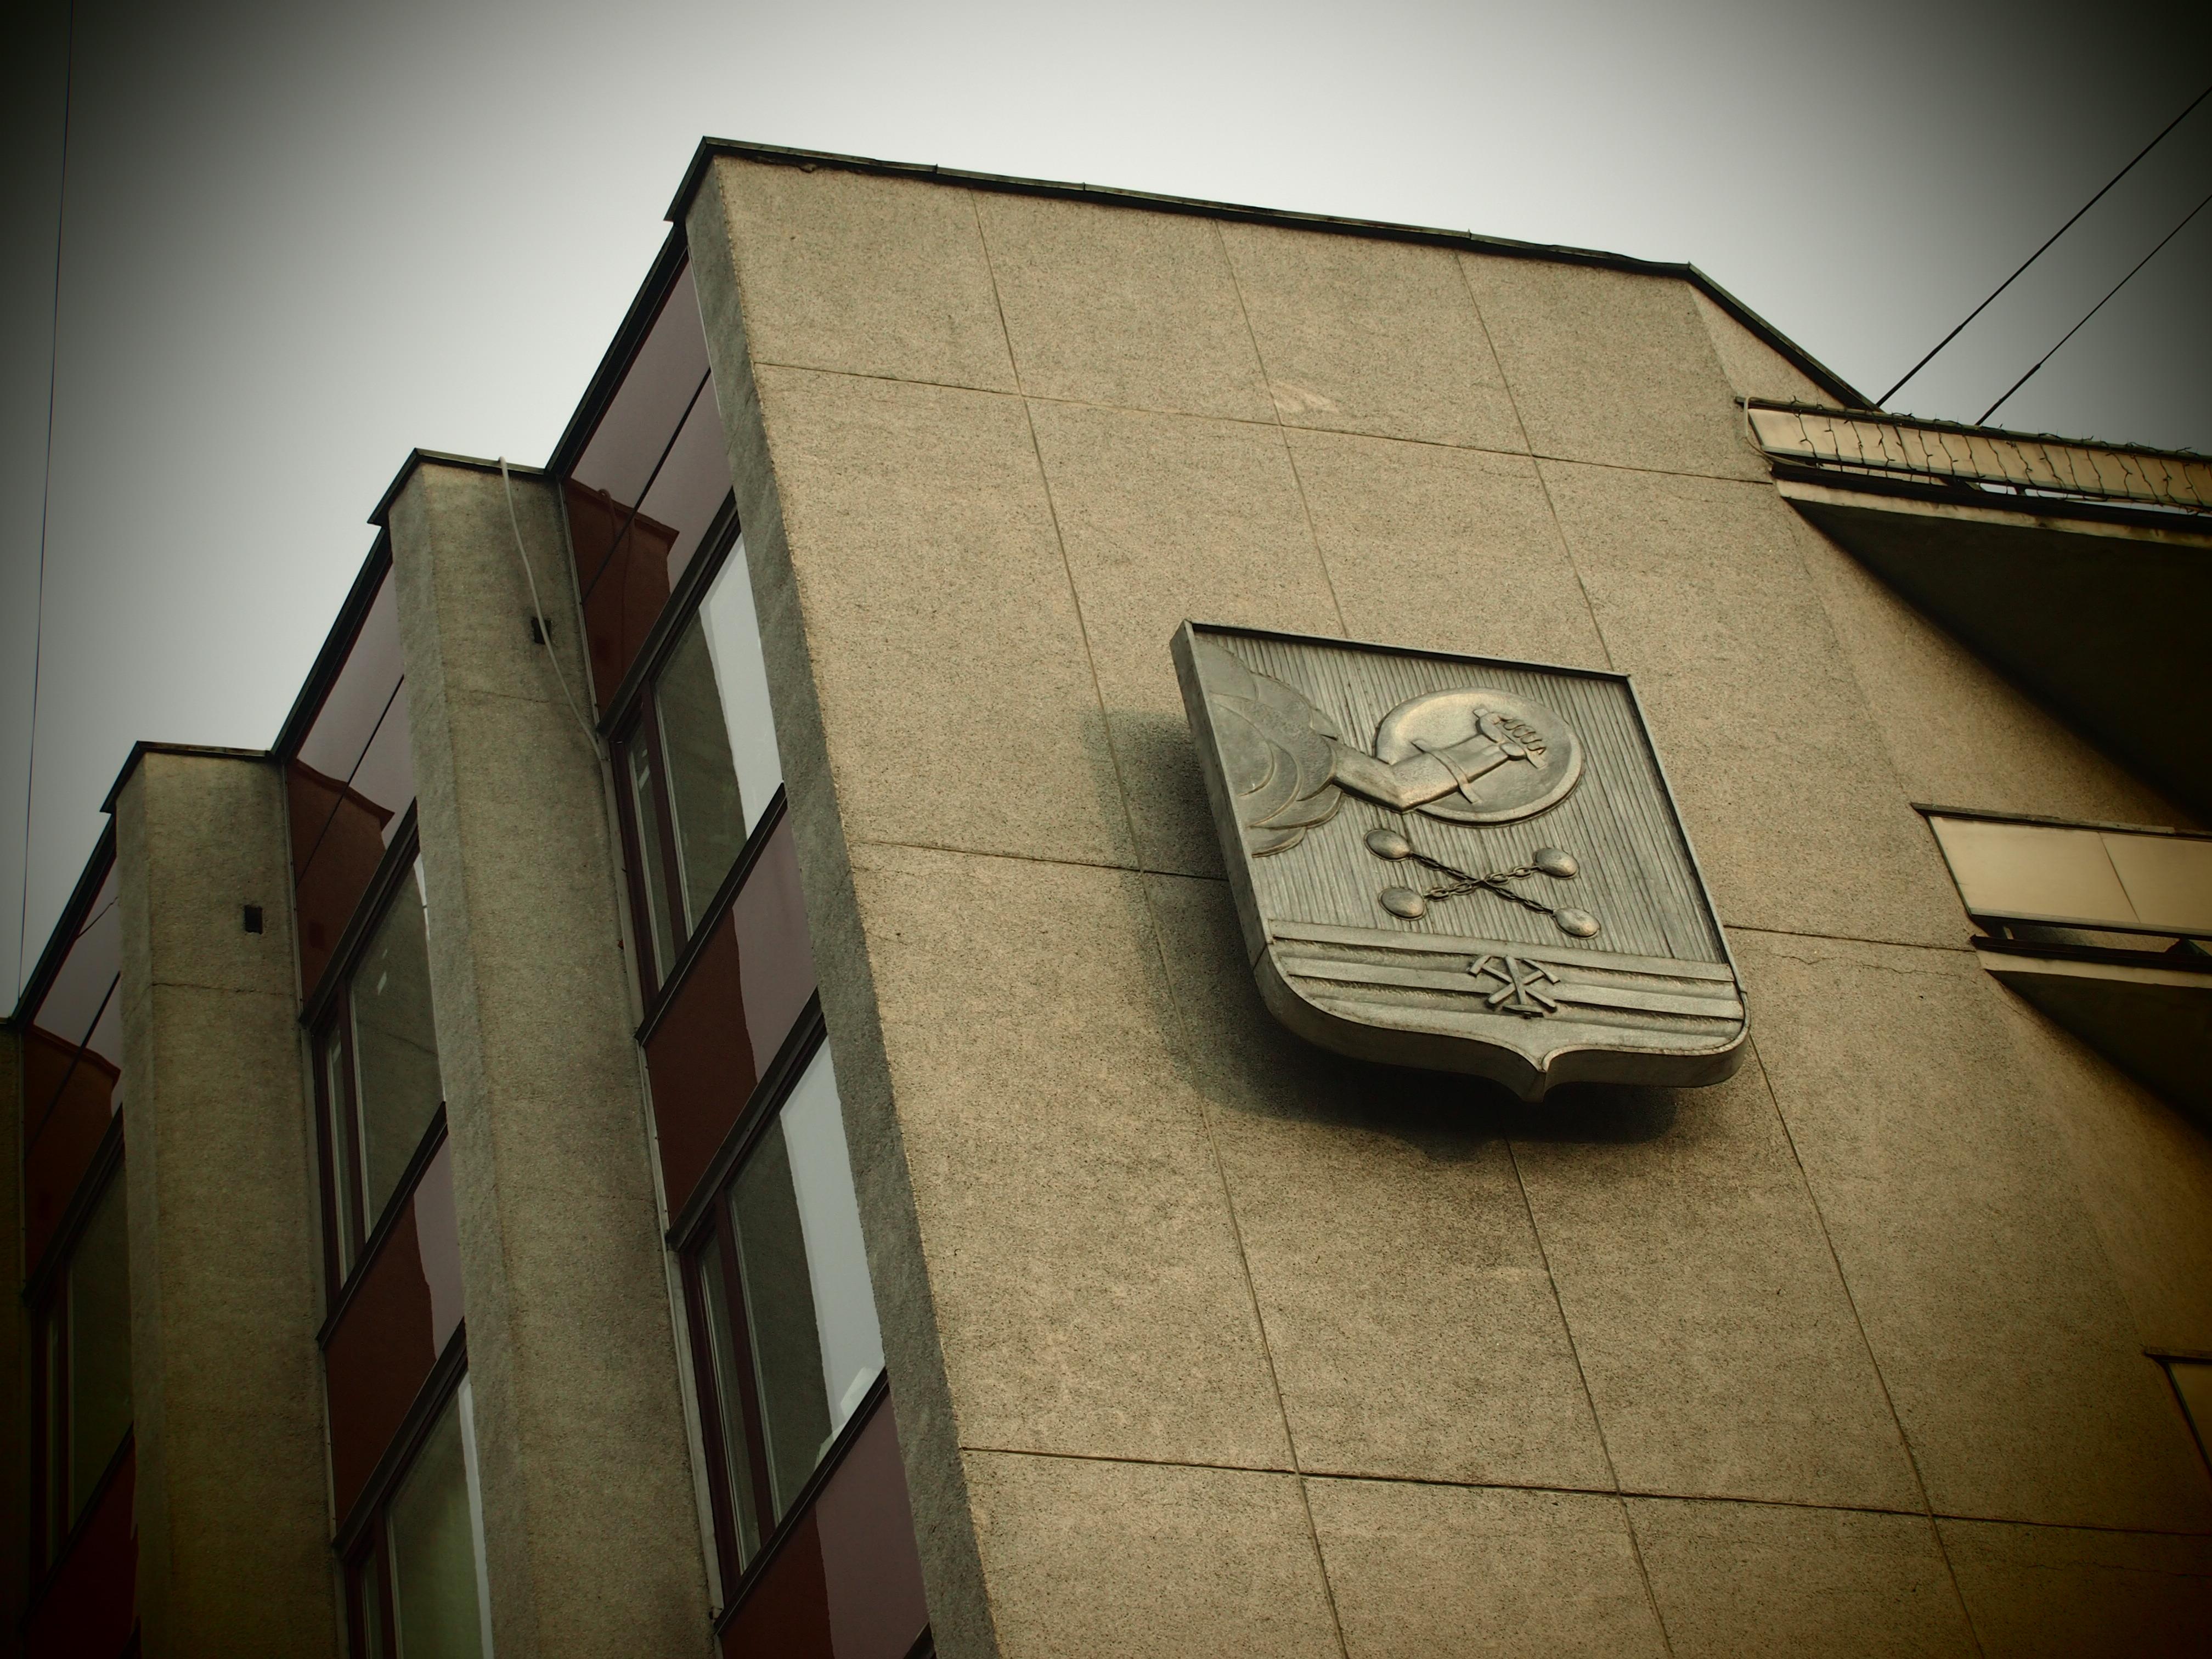 Горсовет Петрозаводска ждут судебные тяжбы. Фото: Валерий Поташов